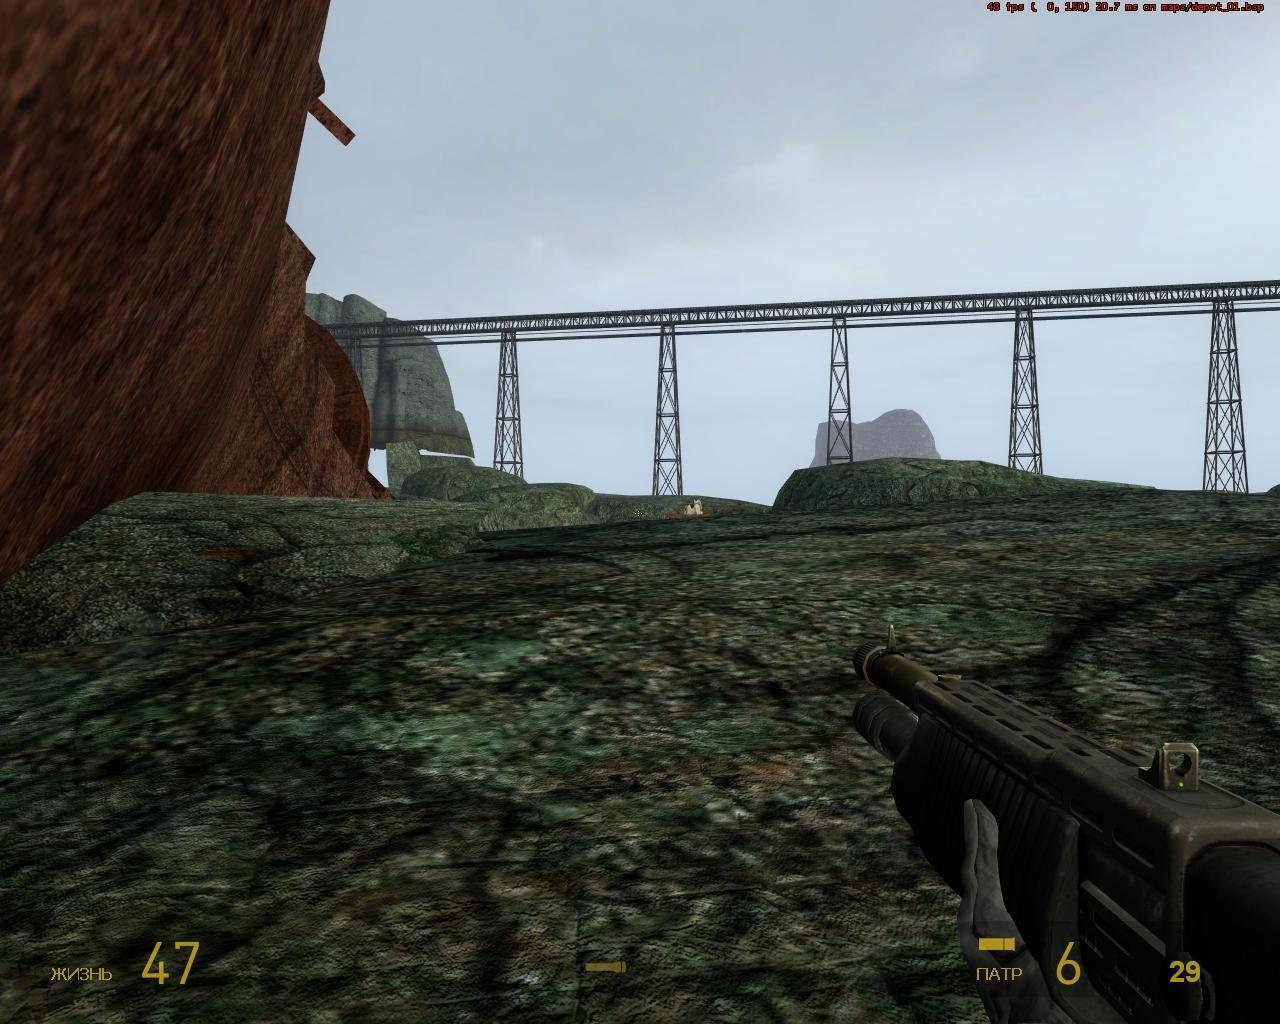 depot_010002.jpg - Half-Life 2 Depot